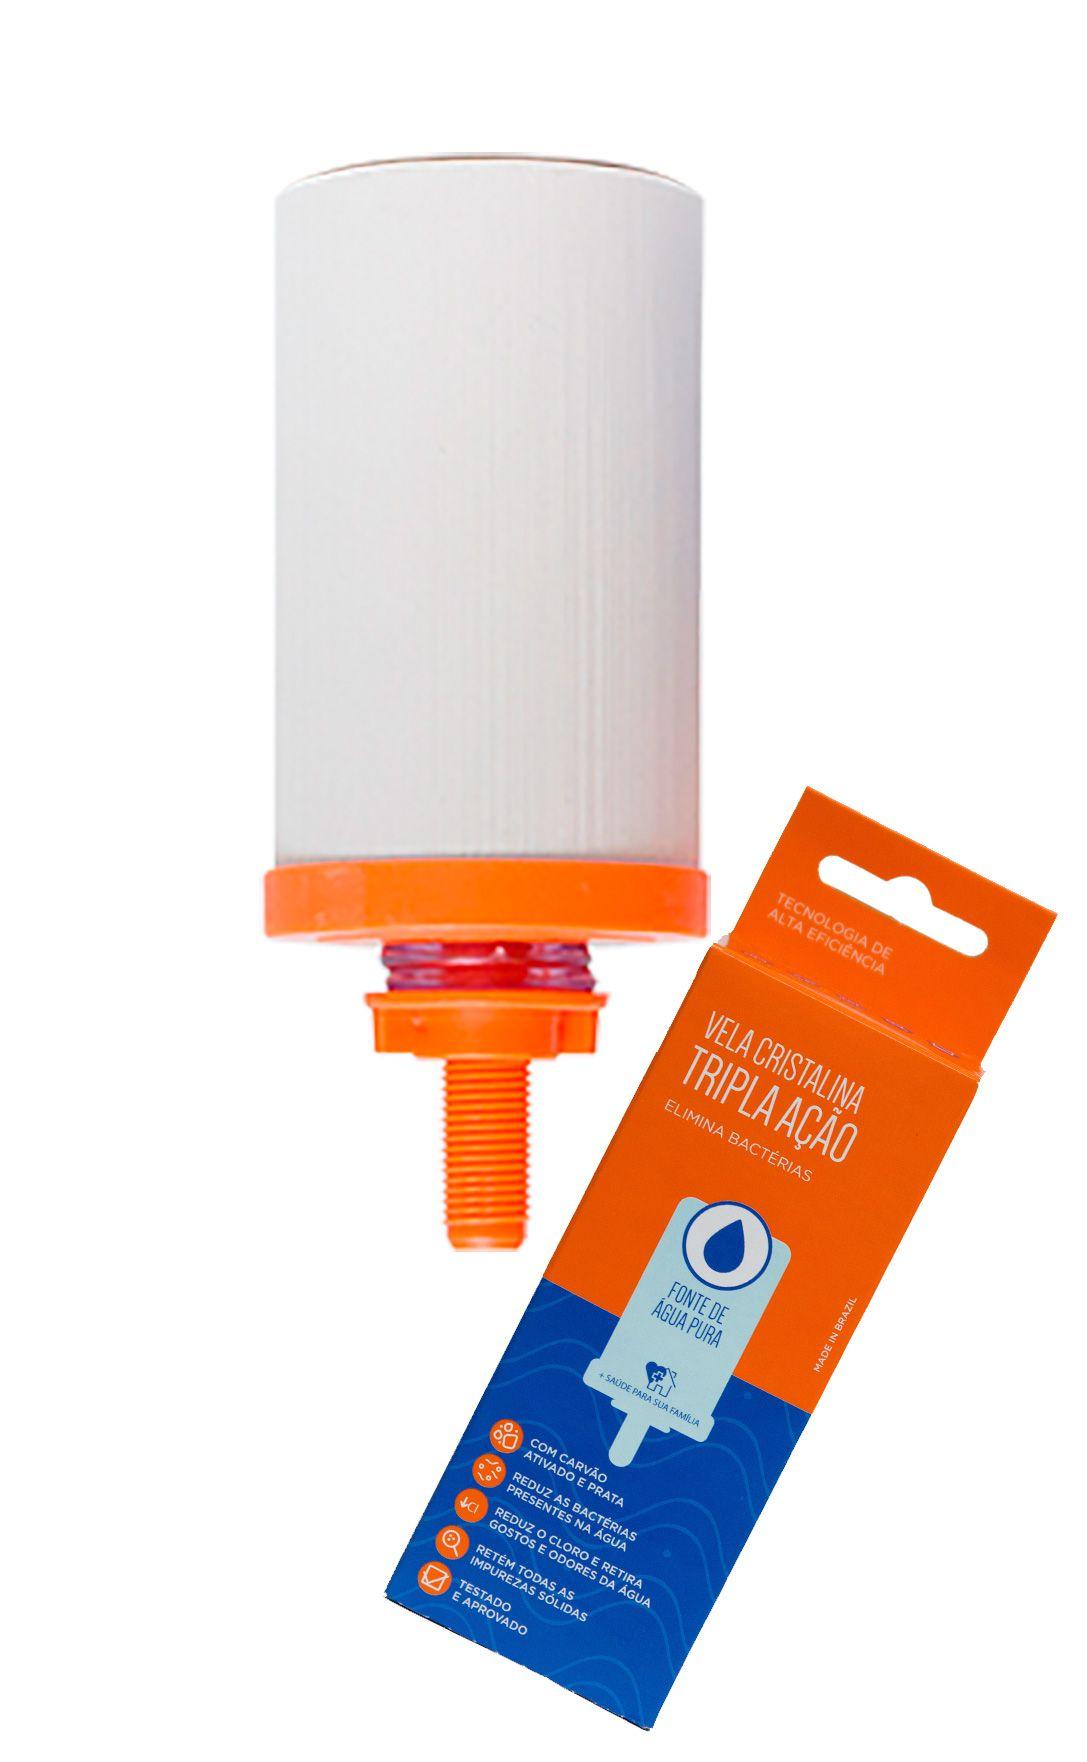 Vela para Filtro de Barro Cristalina Tripla Ação  - CN Distribuidora